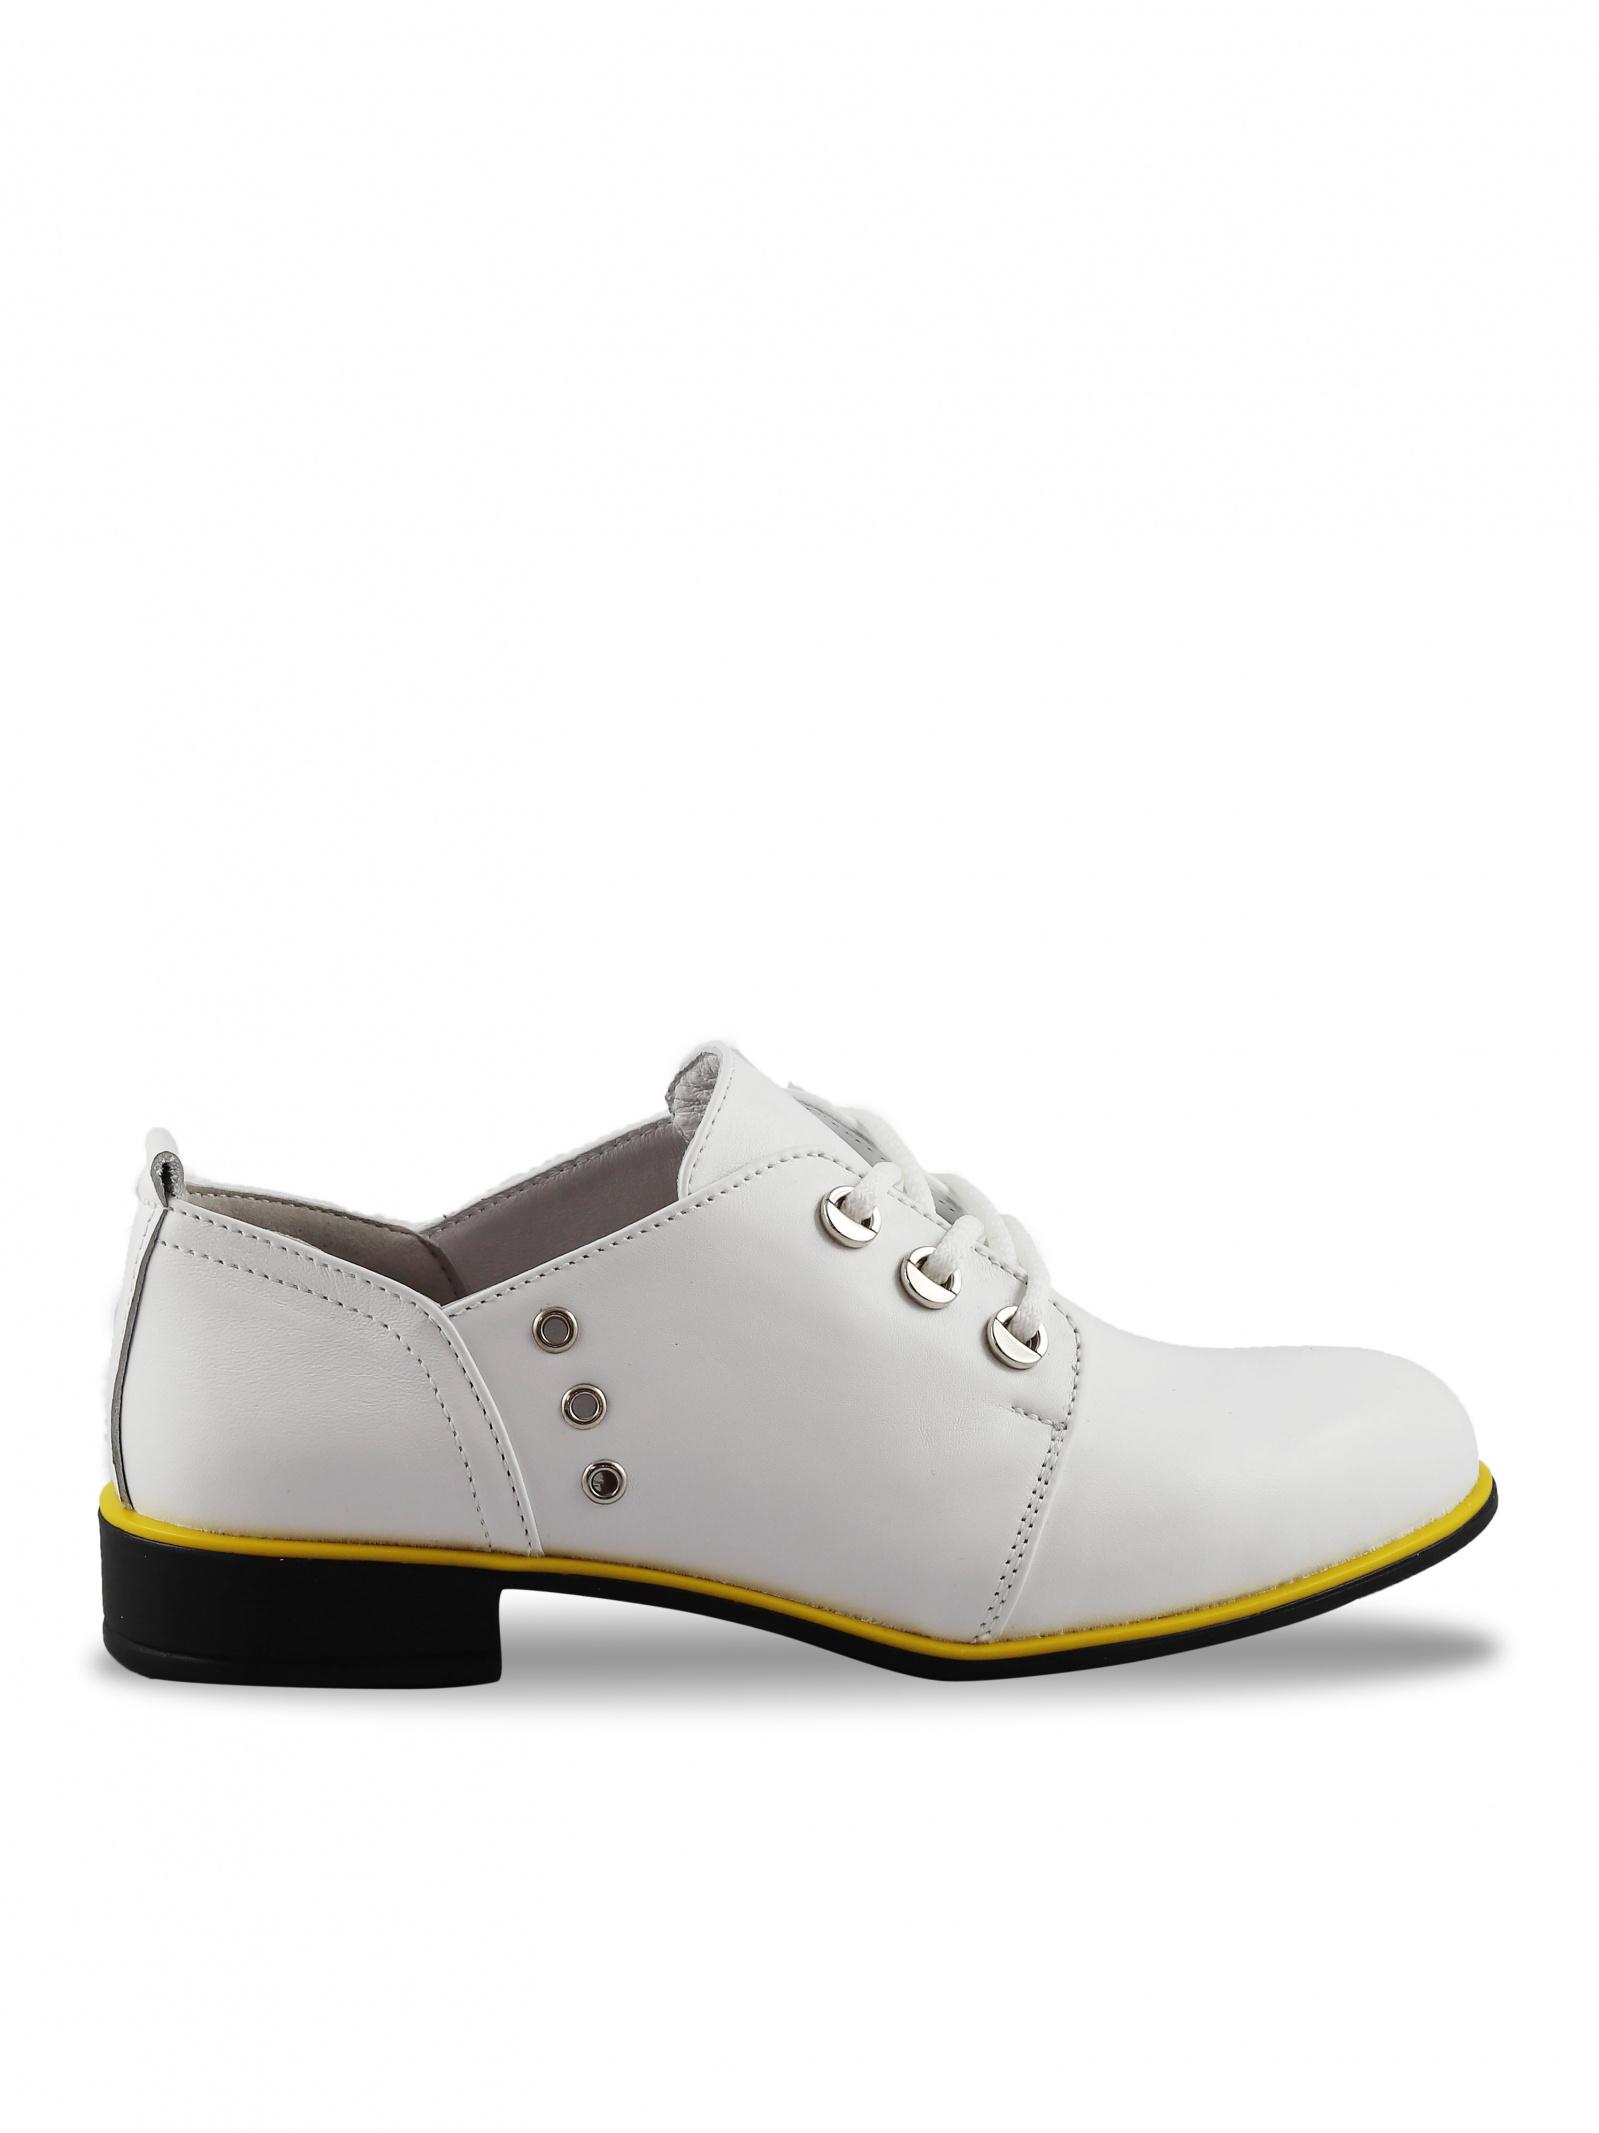 Туфлі  для жінок Wings 0057704 примірка, 2017